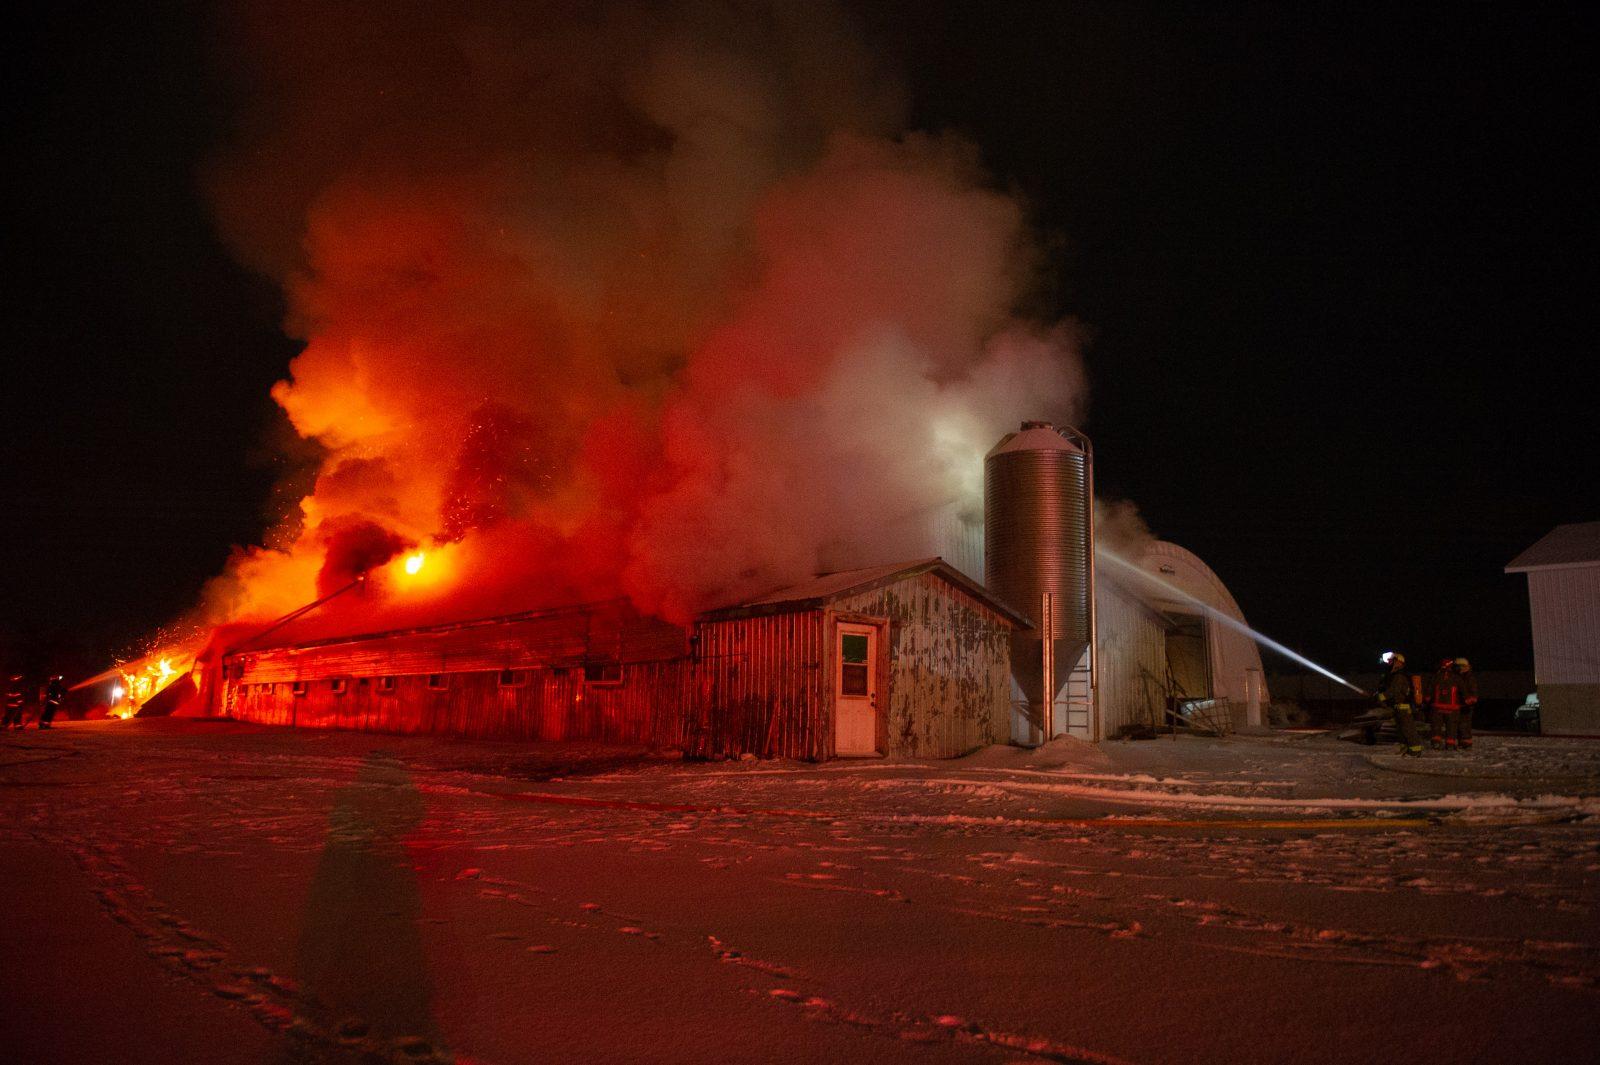 Plusieurs bêtes périssent dans un incendie à Wickham (photos et vidéo)